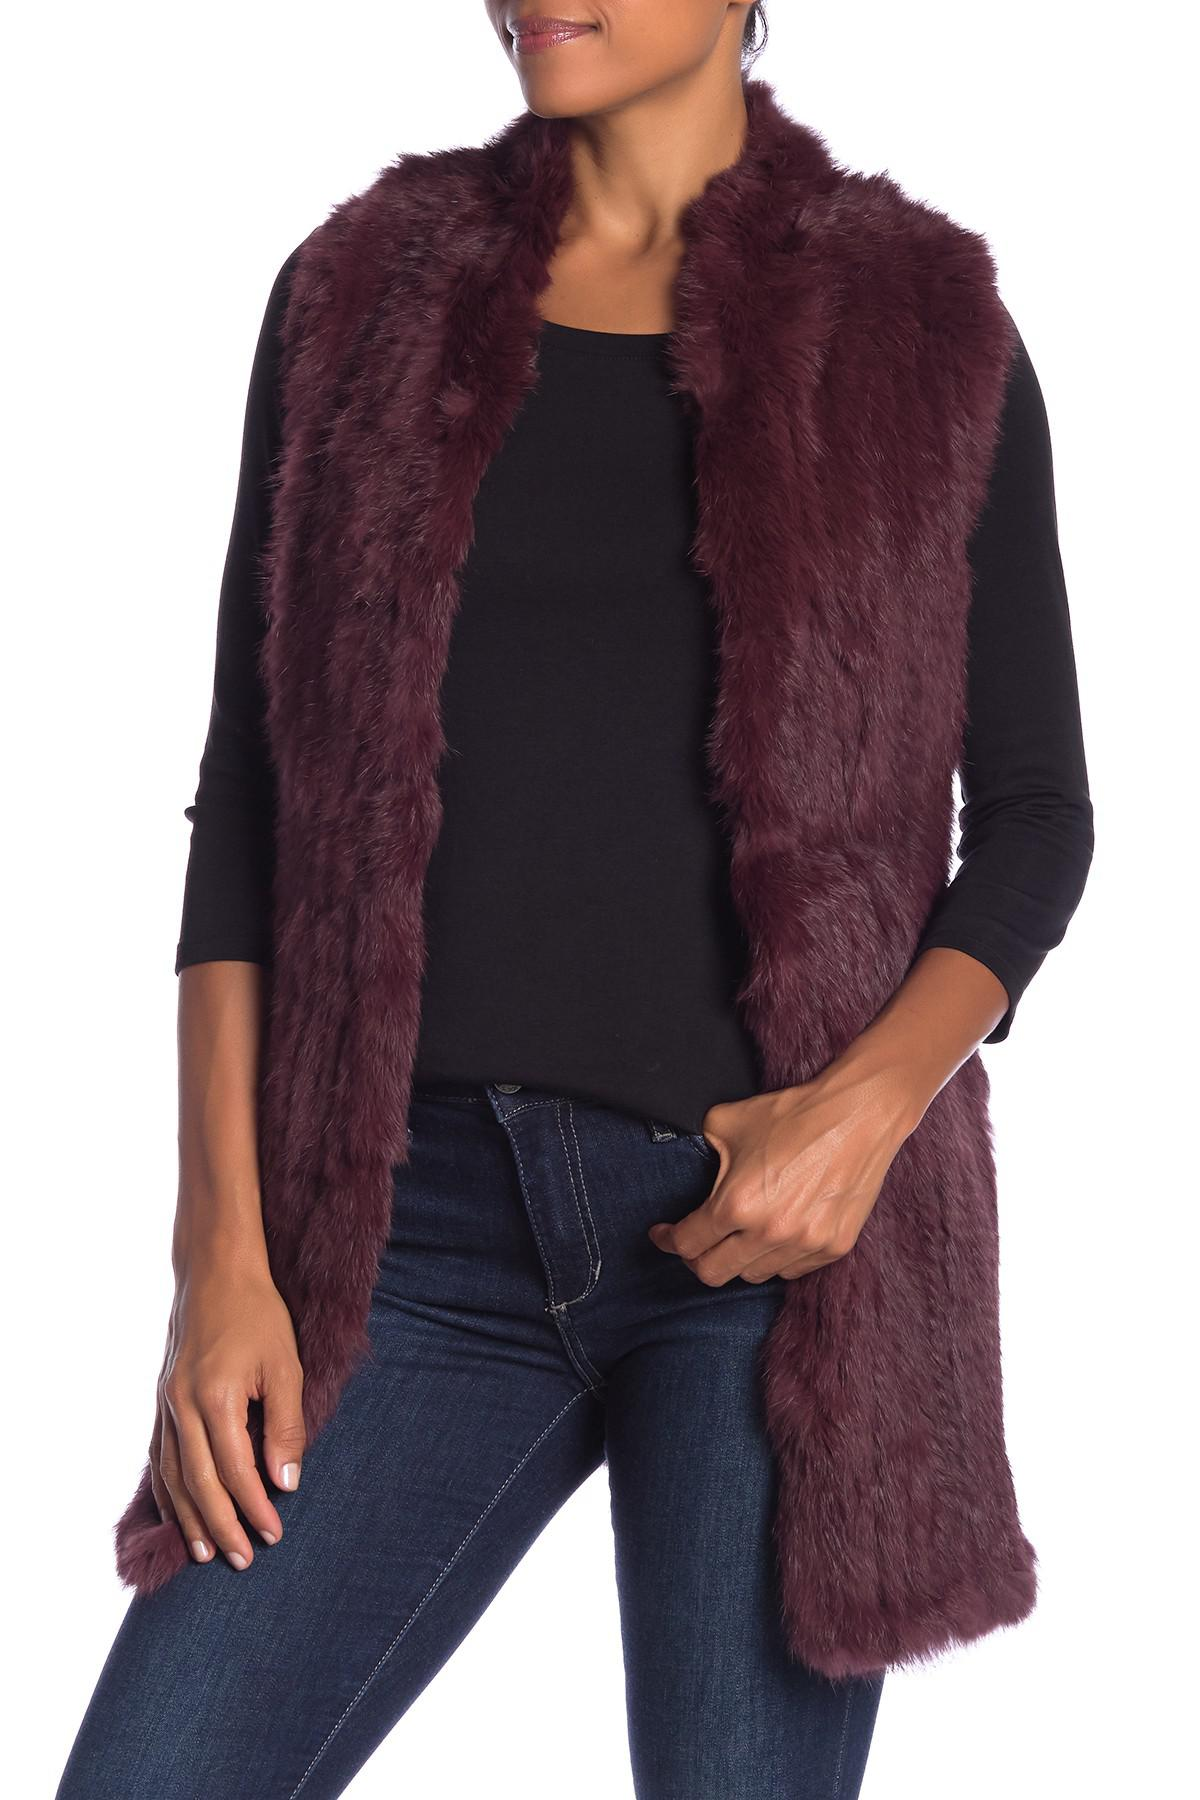 6fa0ce53e Lyst - Love Token Genuine Dyed Rabbit Fur Vest in Purple